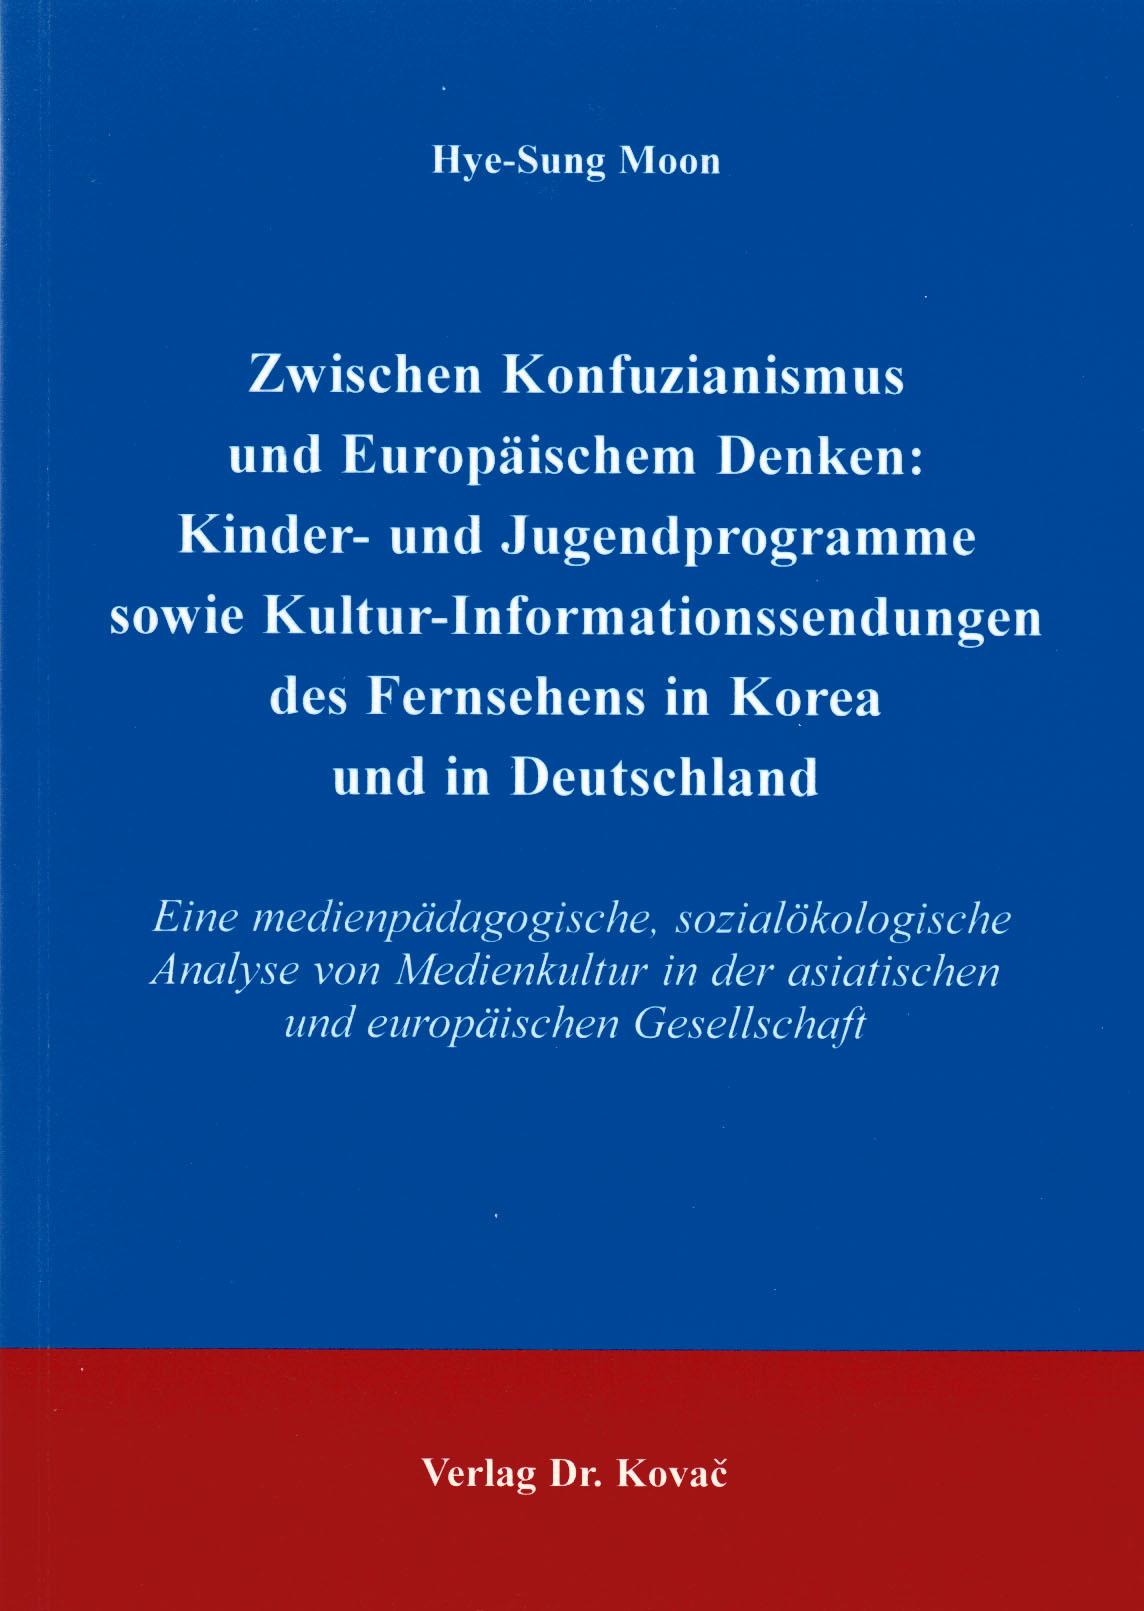 Cover: Zwischen Konfuzianismus und europäischem Denken: Kinder - und Jugendprogramme sowie Kultur-Informationssendungen des Fernsehens in Korea und in Deutschland